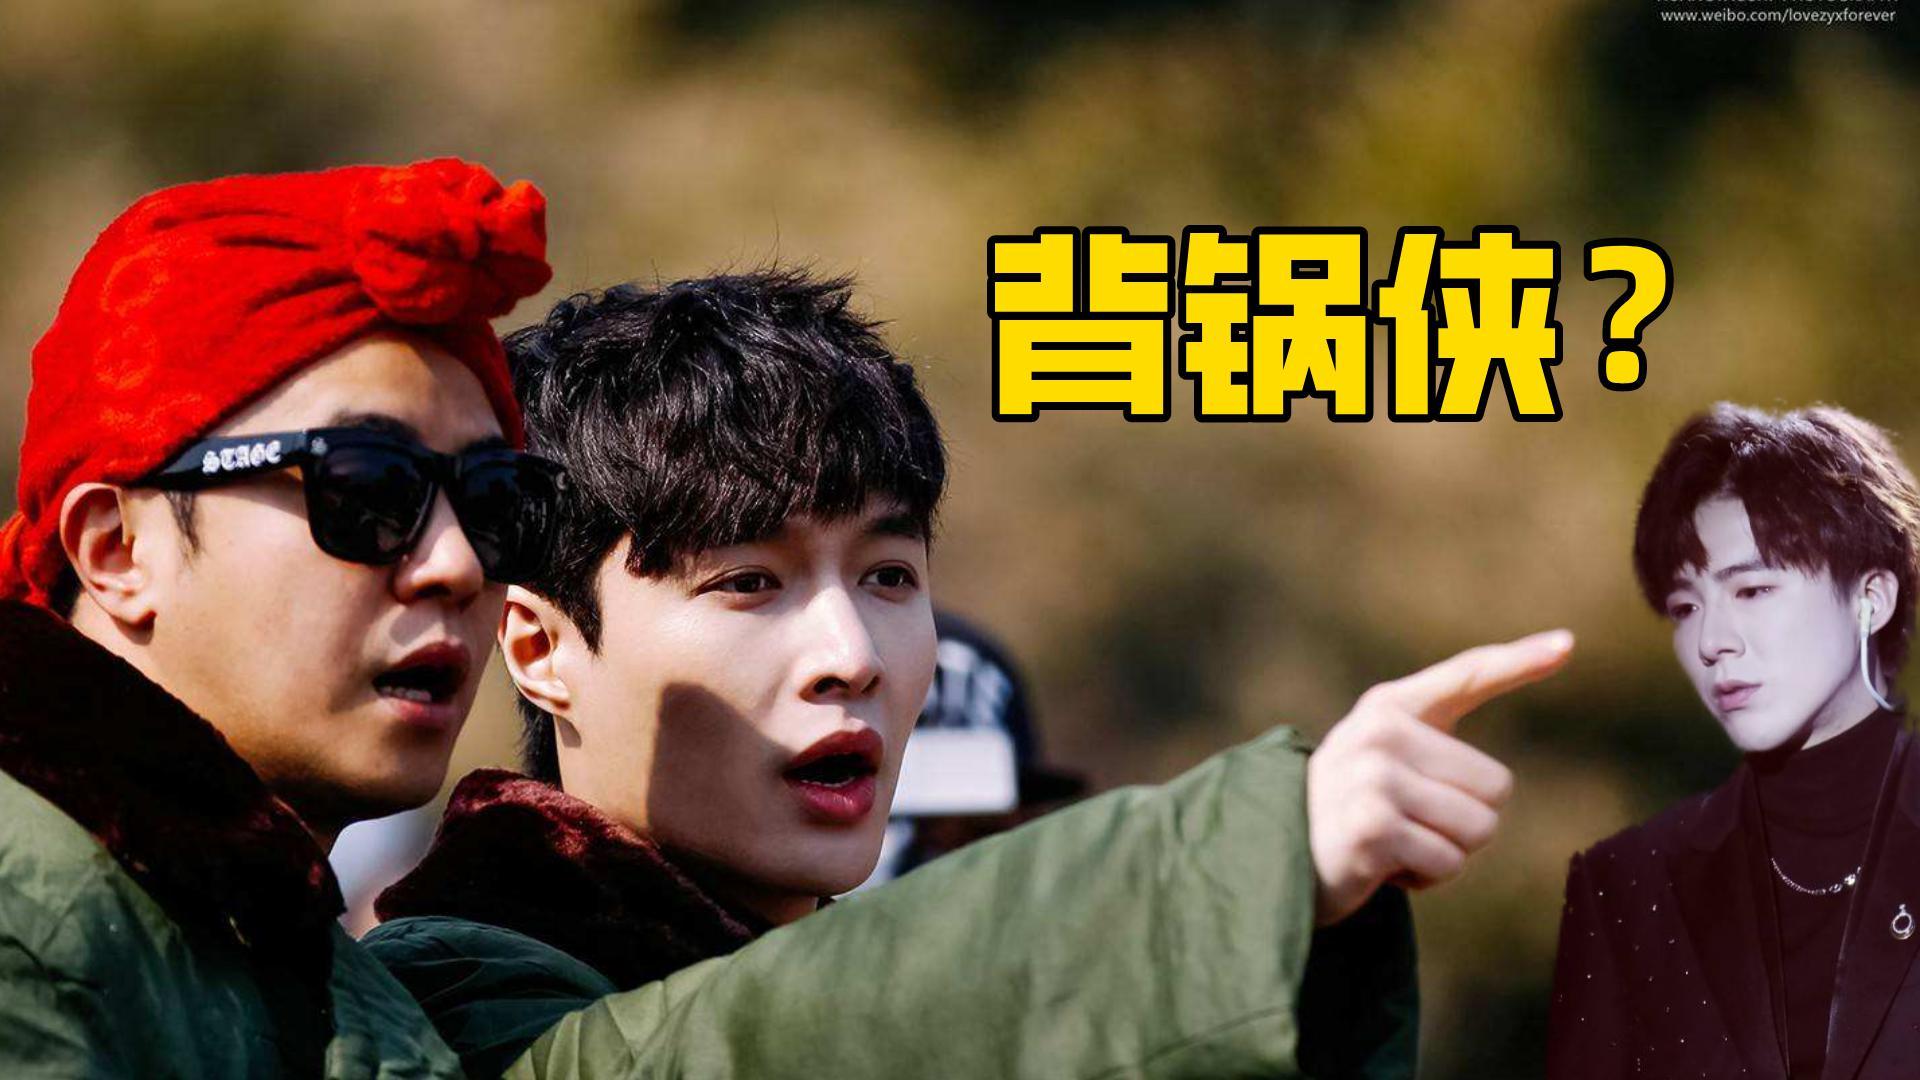 极限挑战节目组道歉,未提及背锅的刘宇宁,只因他网红出身?